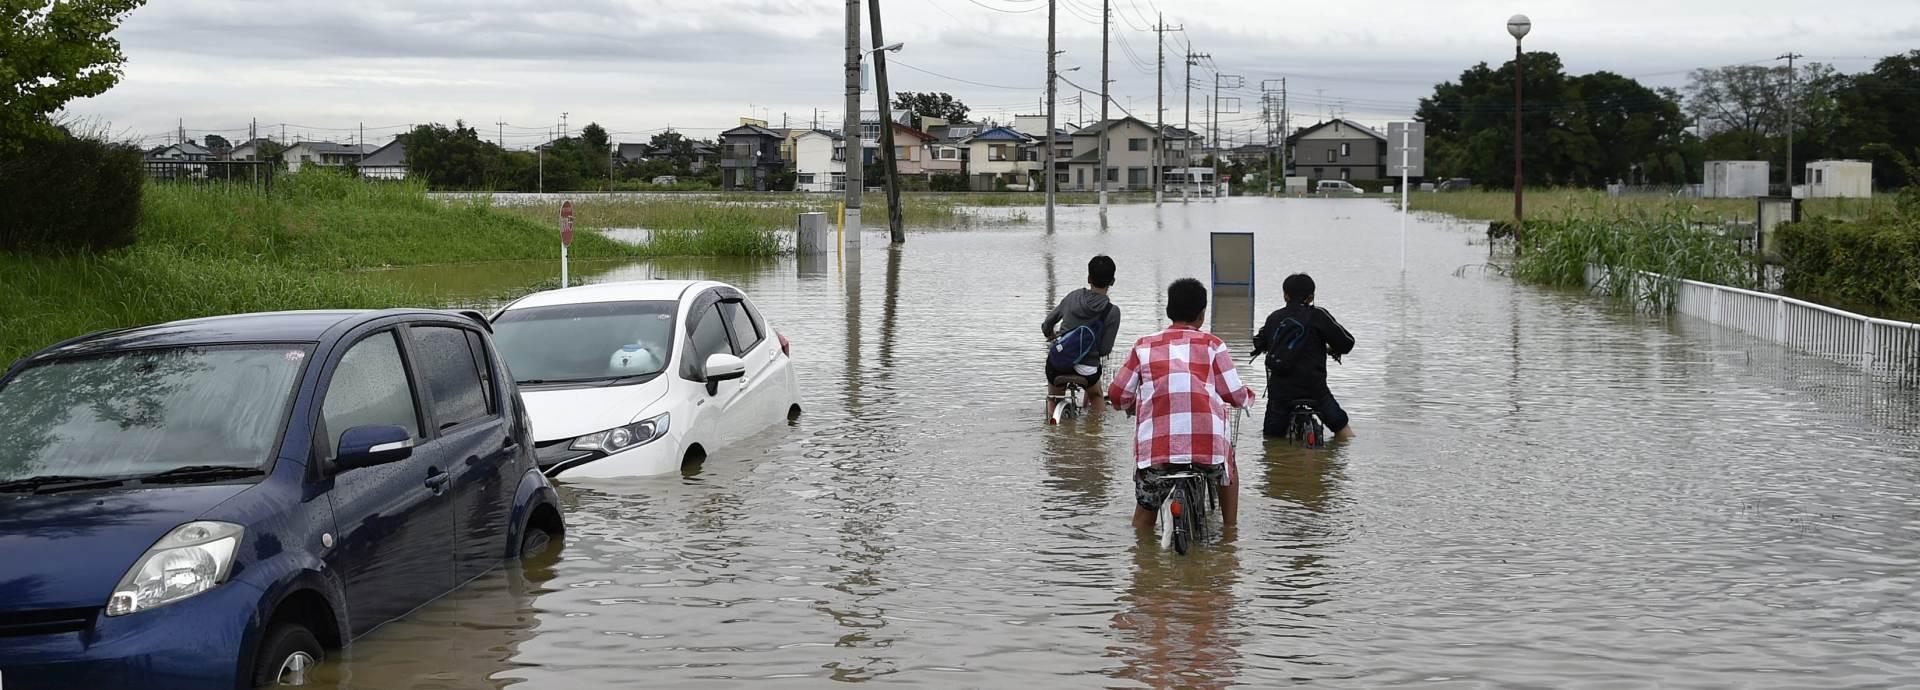 VIDEO: Udar tsunamija u Japanu 2011. godine